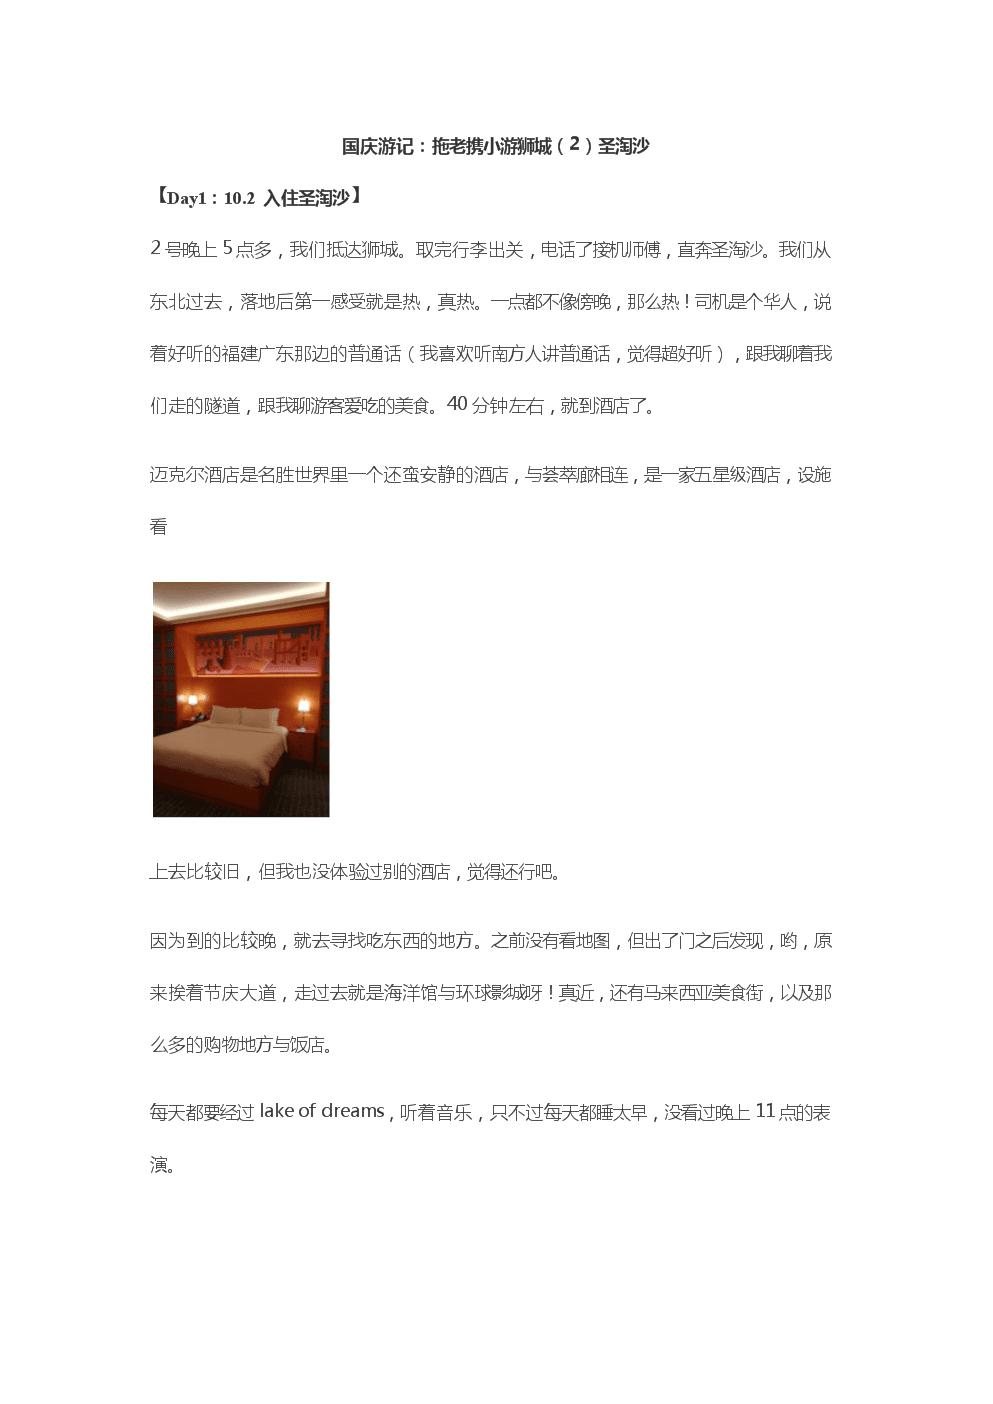 国庆游记:拖老携小游狮城(2)圣淘沙.docx